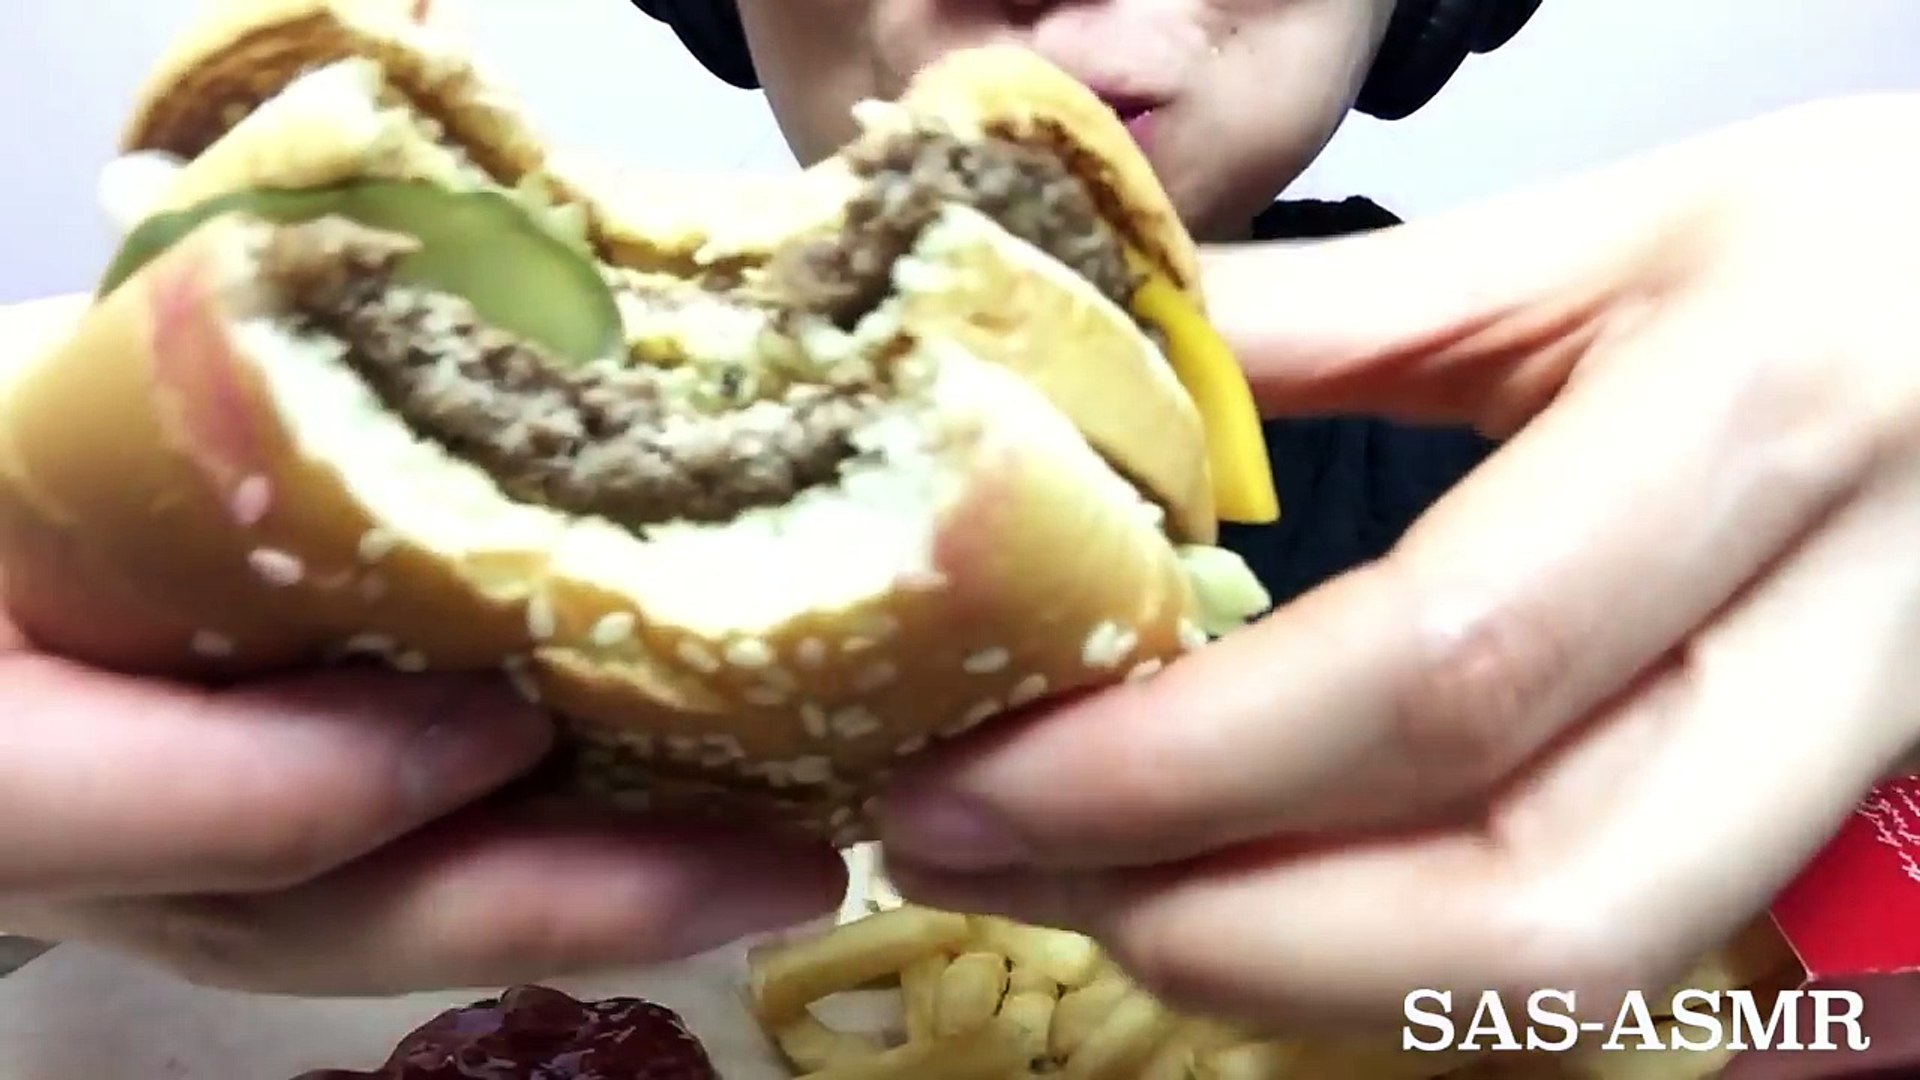 ASMR McDonalds BIG MAC (NO TALKING EATING SOUNDS) | SAS-ASMR